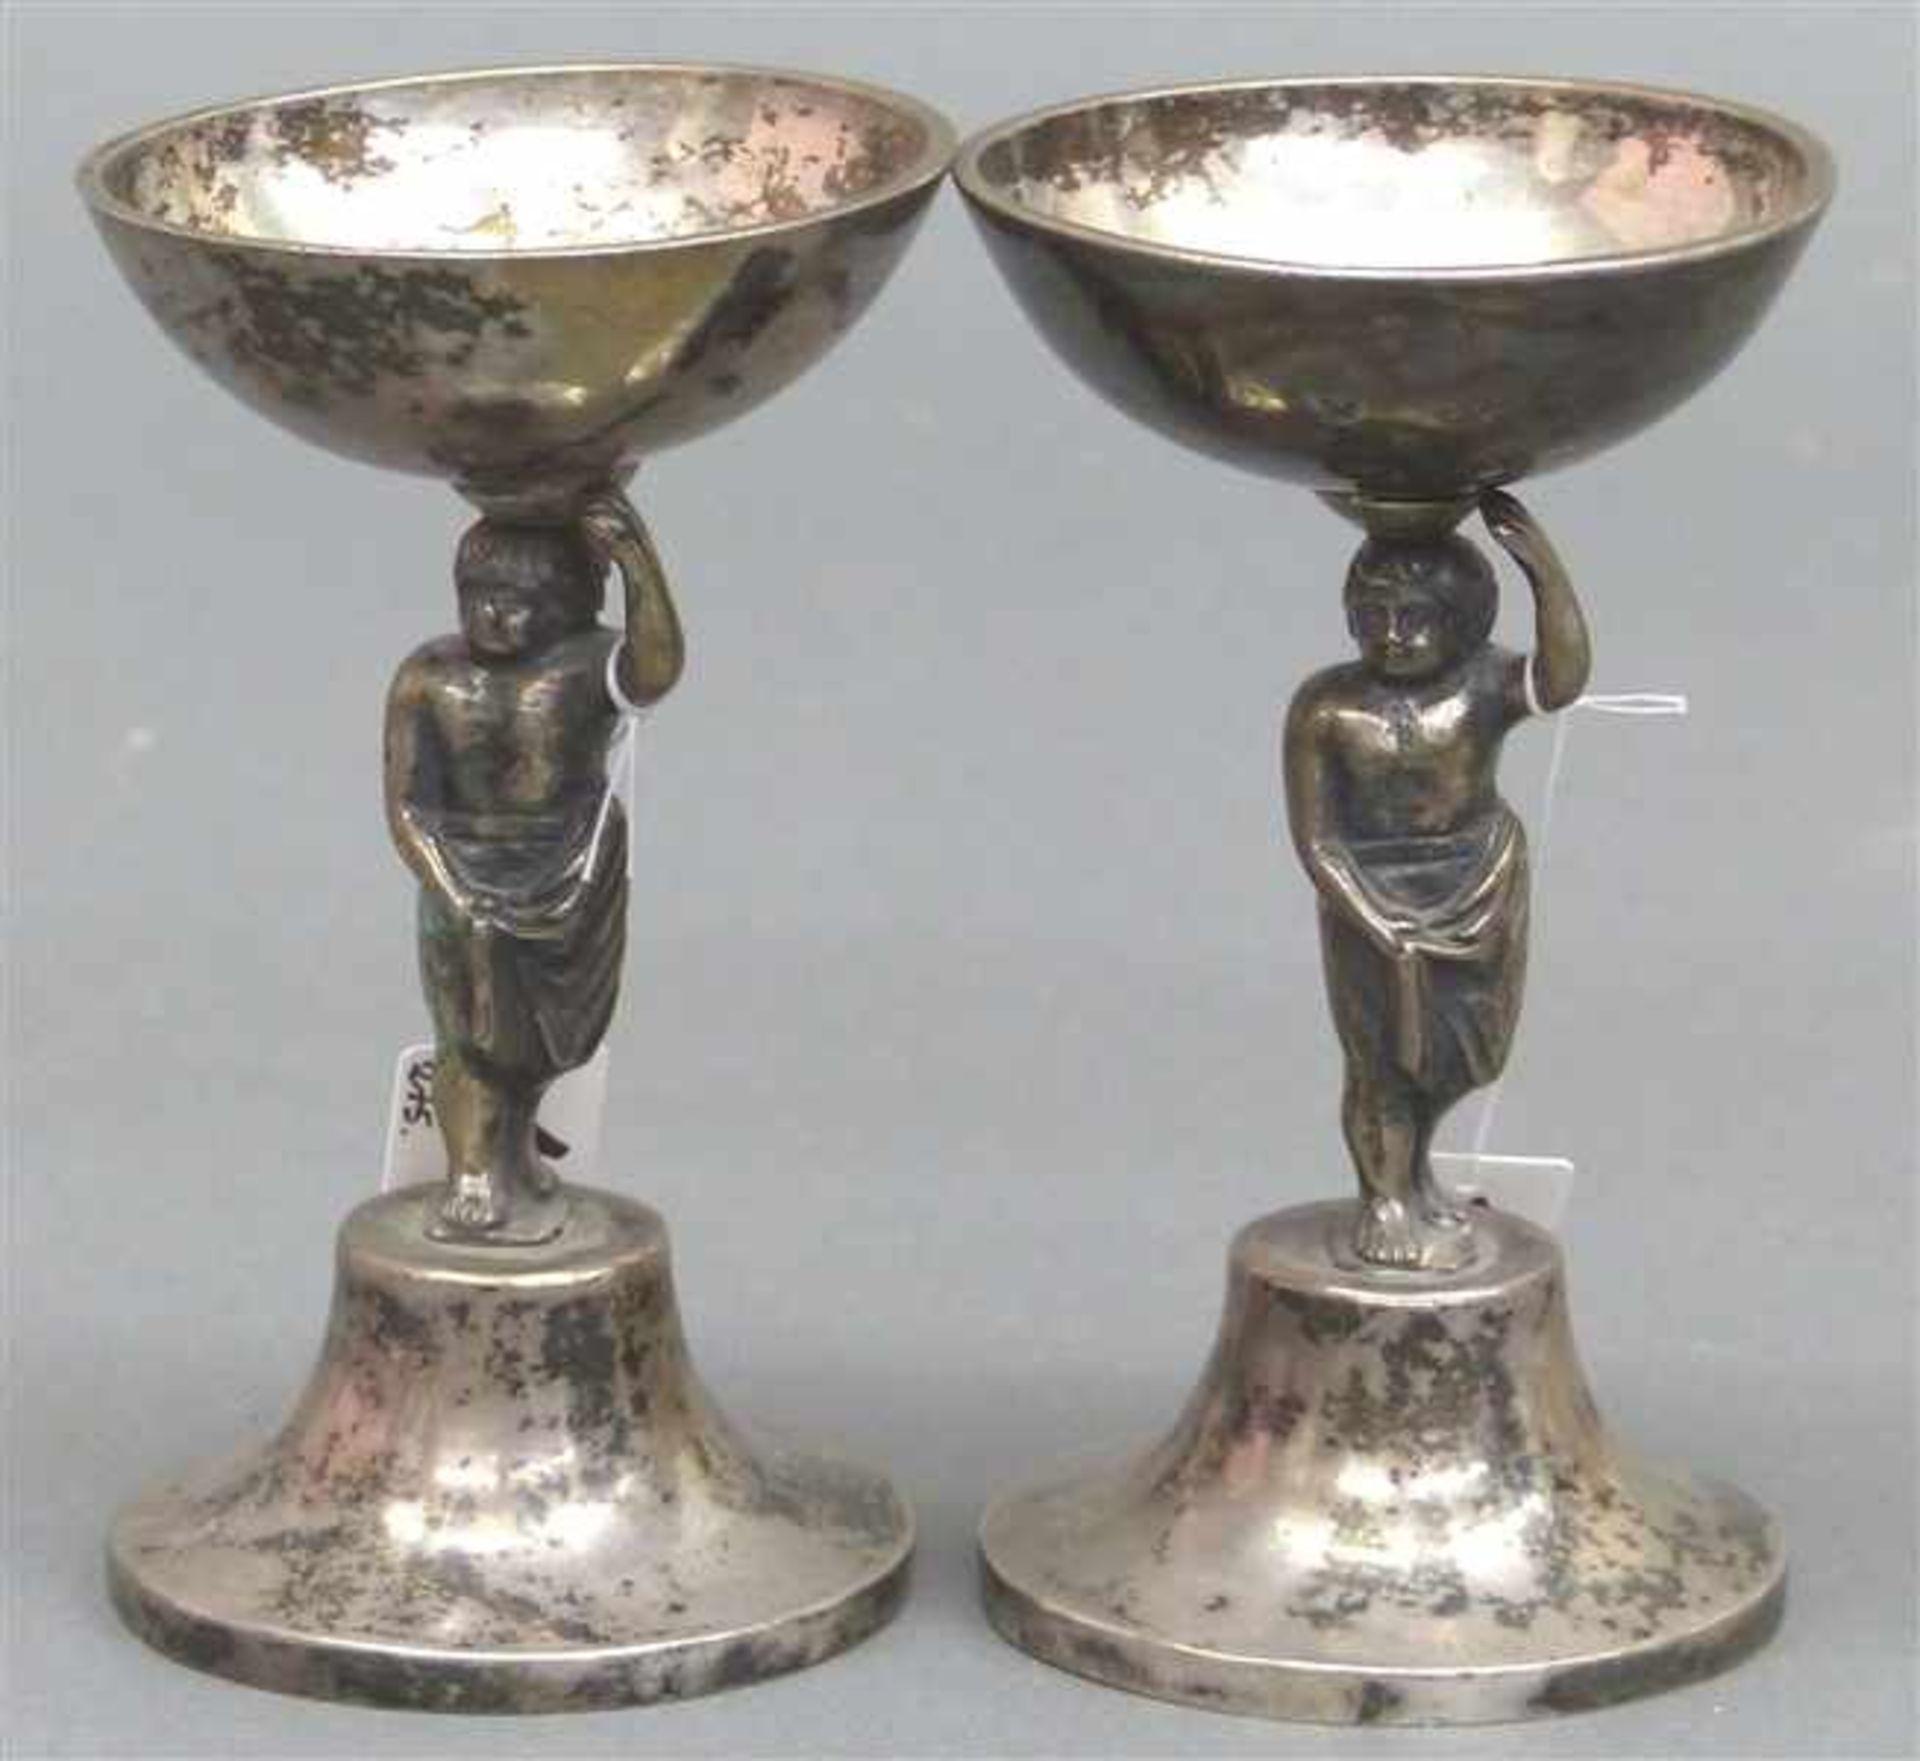 Los 1034 - Paar Aufsatzschälchen Silber, 13-lötig, punziert, Österreich-Ungarn, Wien 1816, Mittelteil figürlich